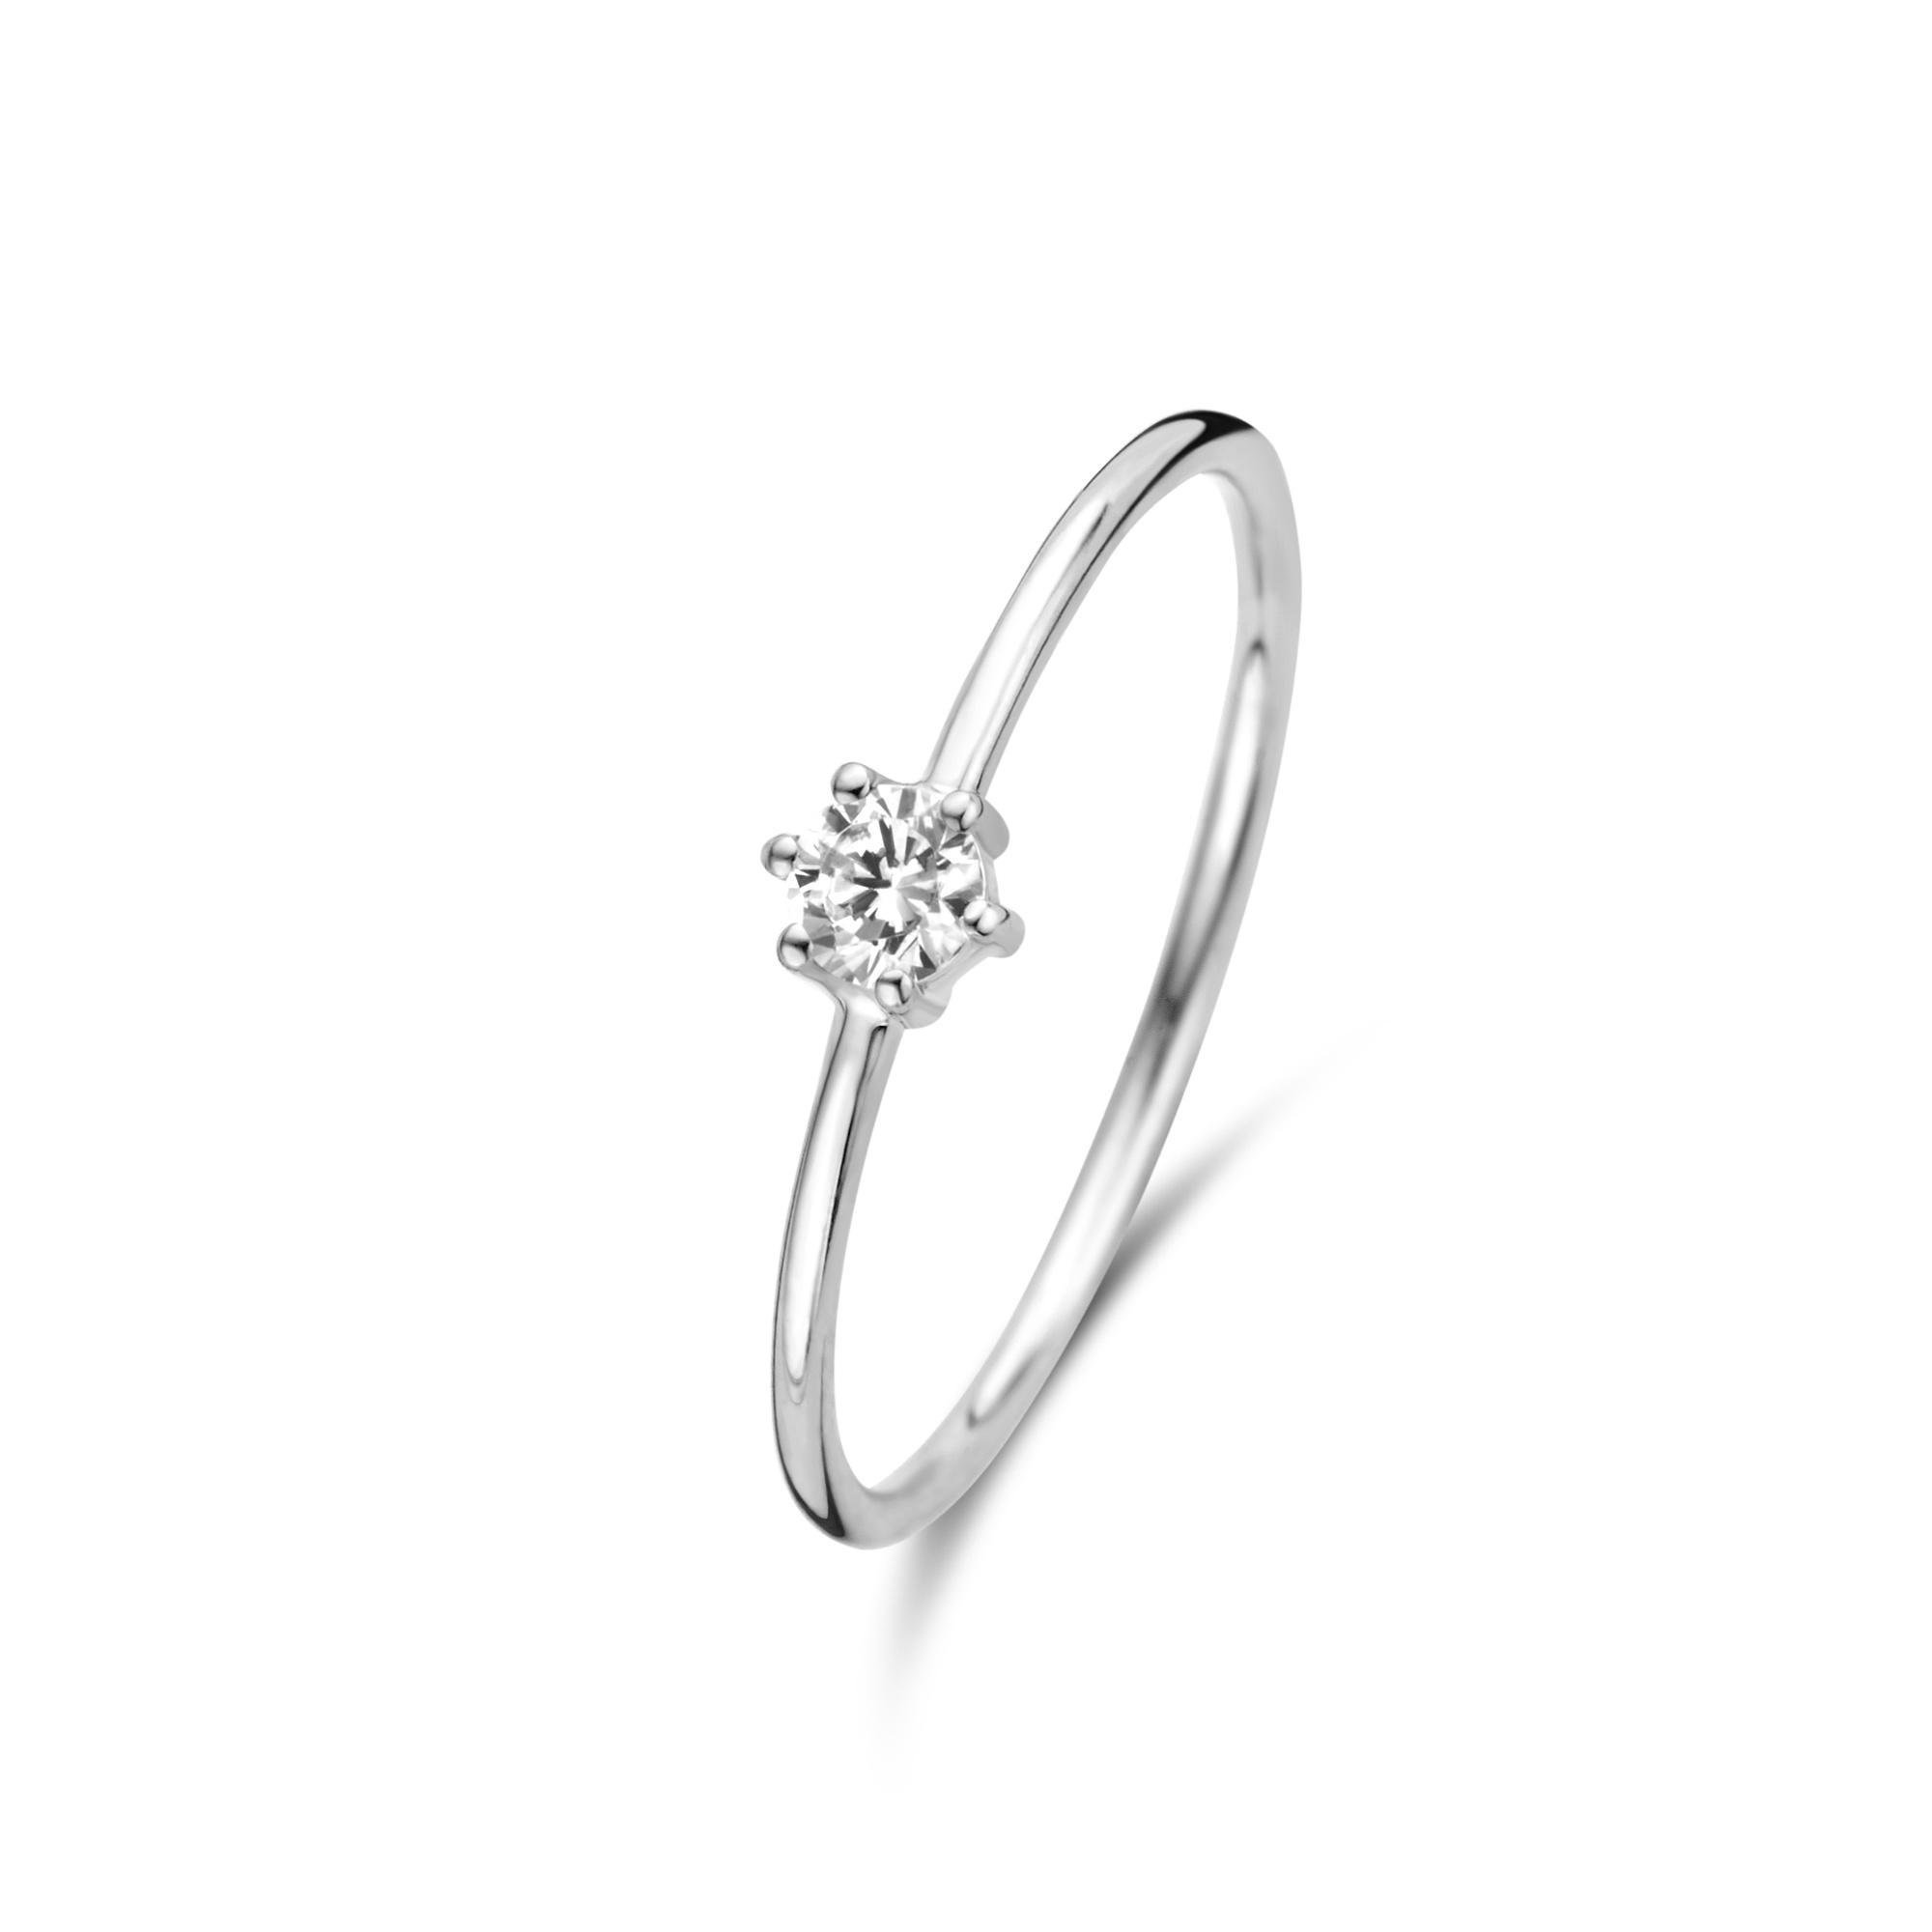 Isabel Bernard Saint Germain Abelle 585er Weißgold Ring mit Zirkonia